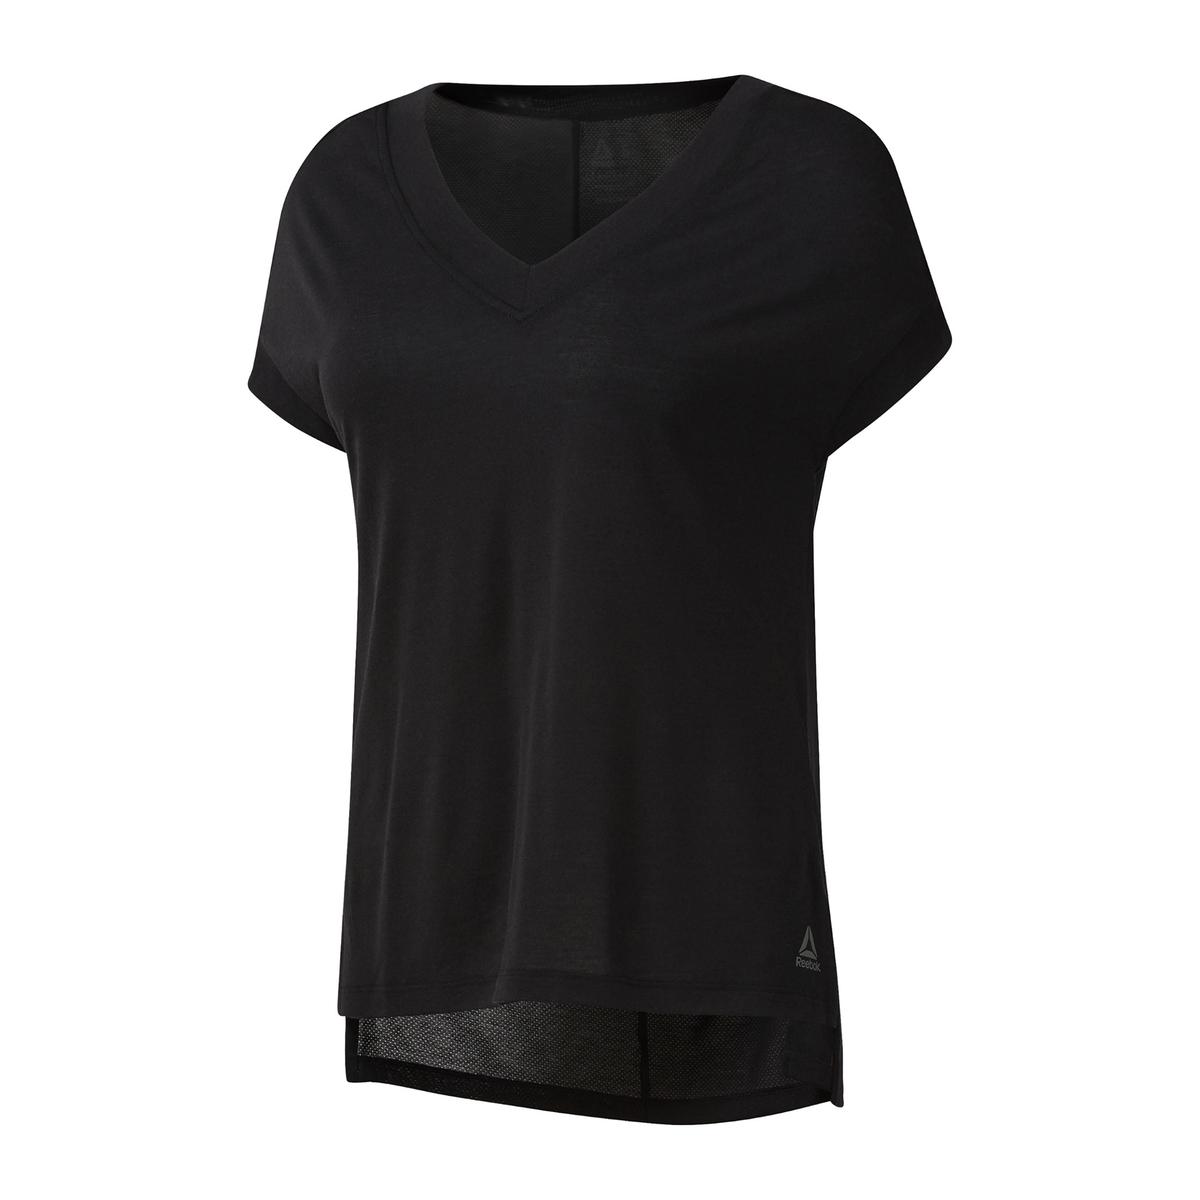 Imagen secundaria de producto de Camiseta con cuello de pico, Wor Sup Detail - Reebok